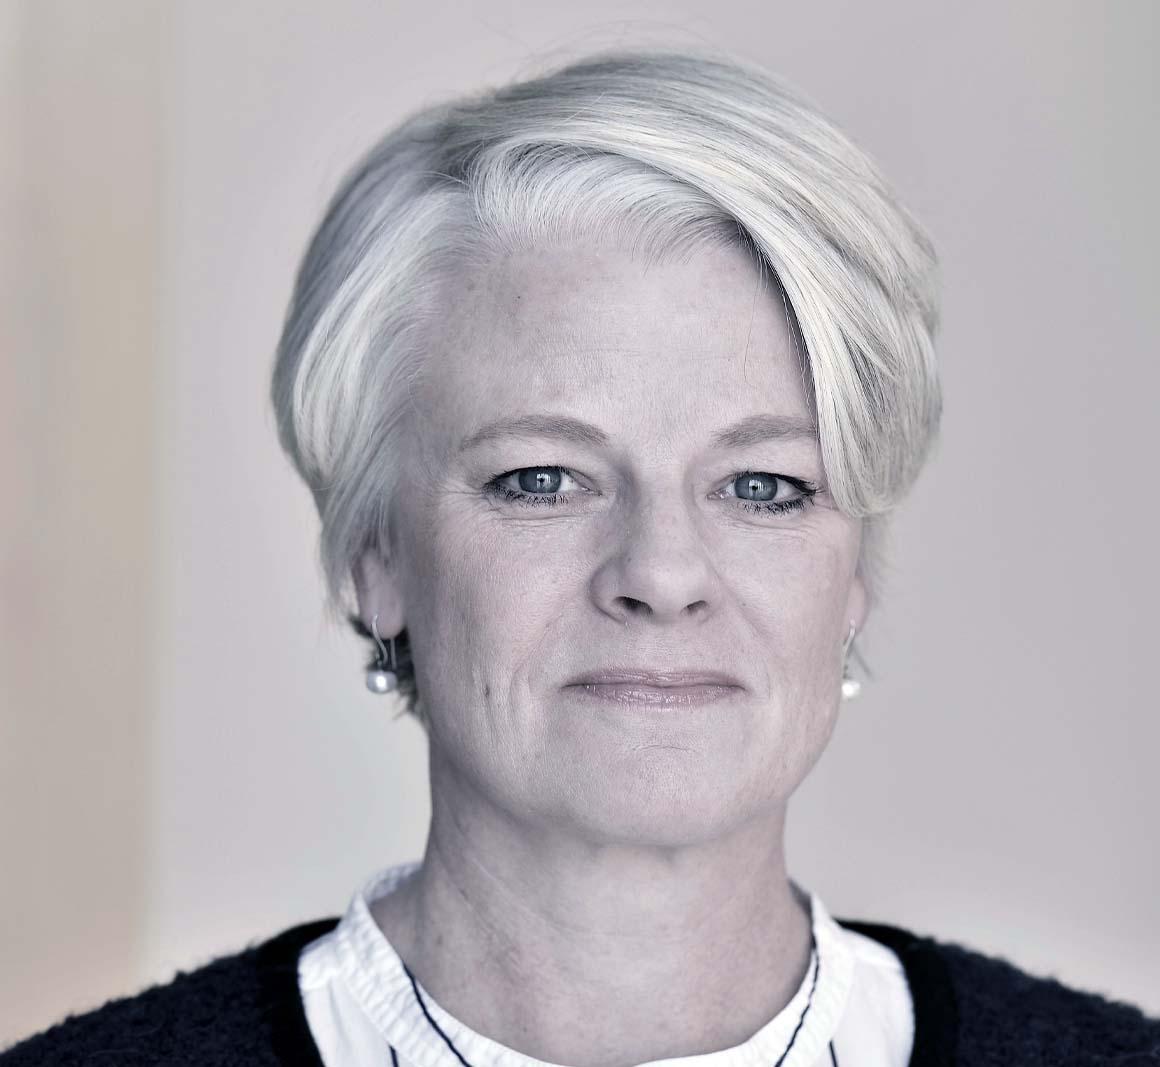 Kirsten Meskill